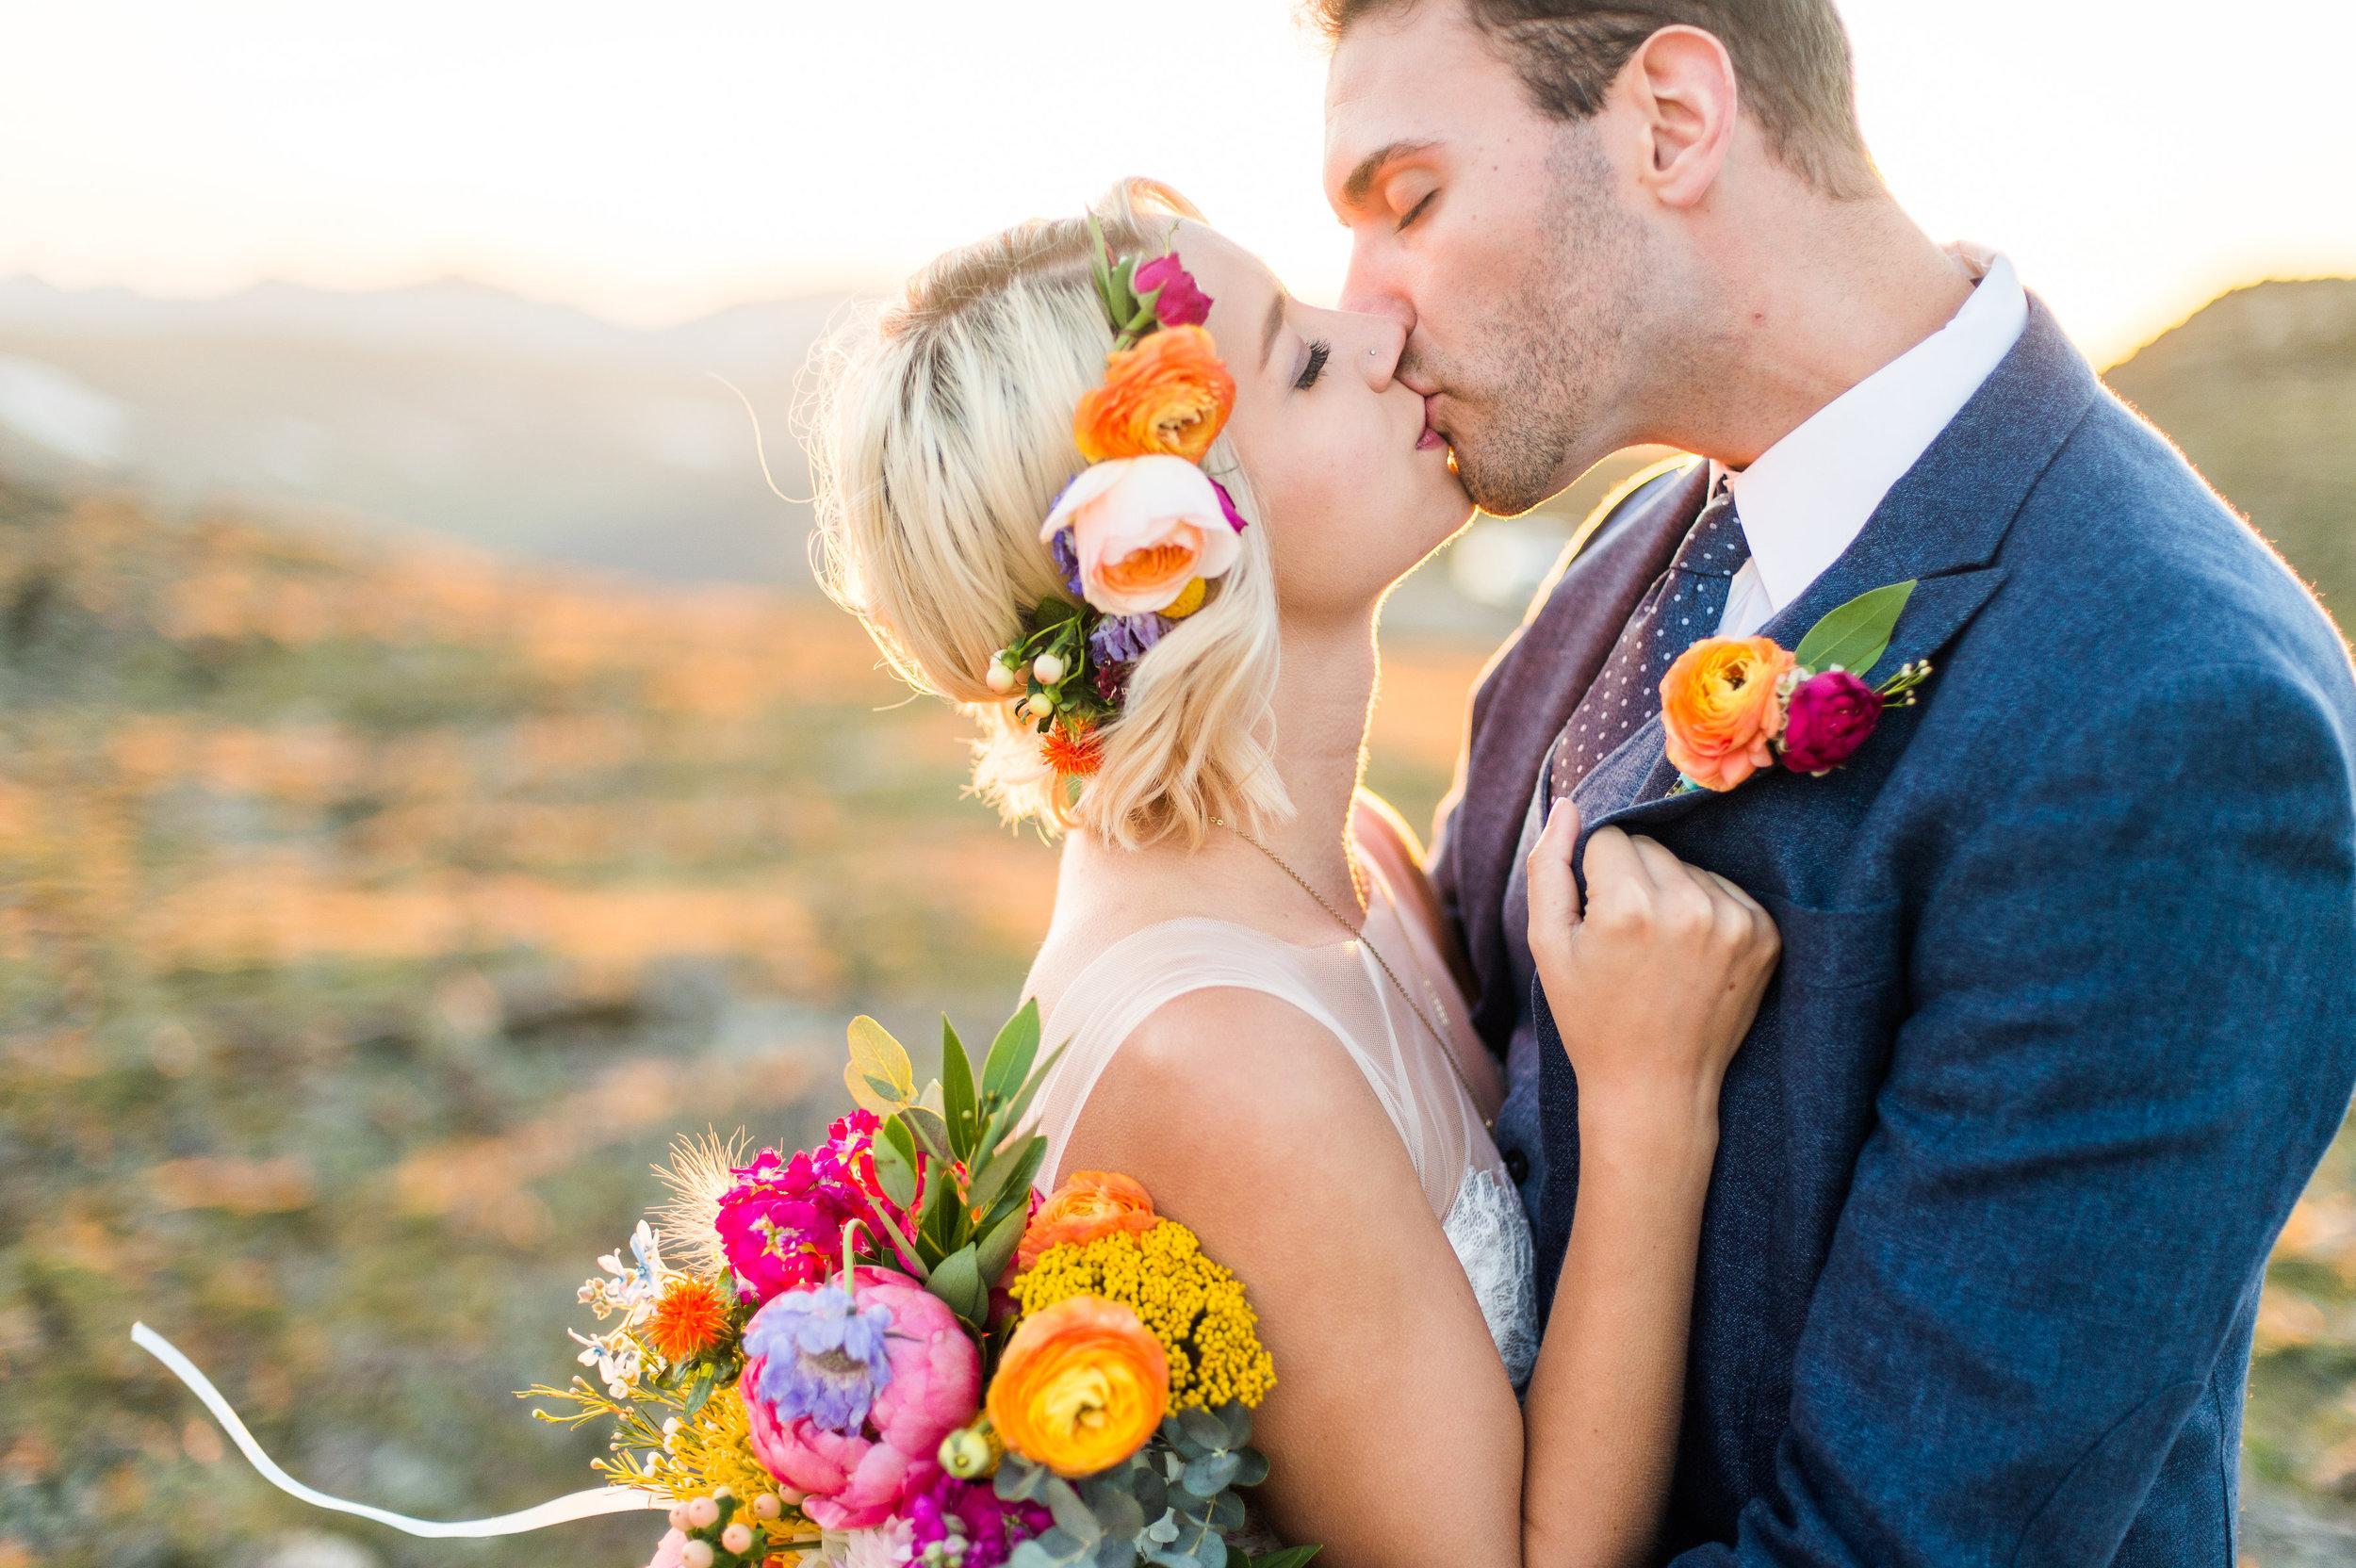 spring-summer-elopement-flowers